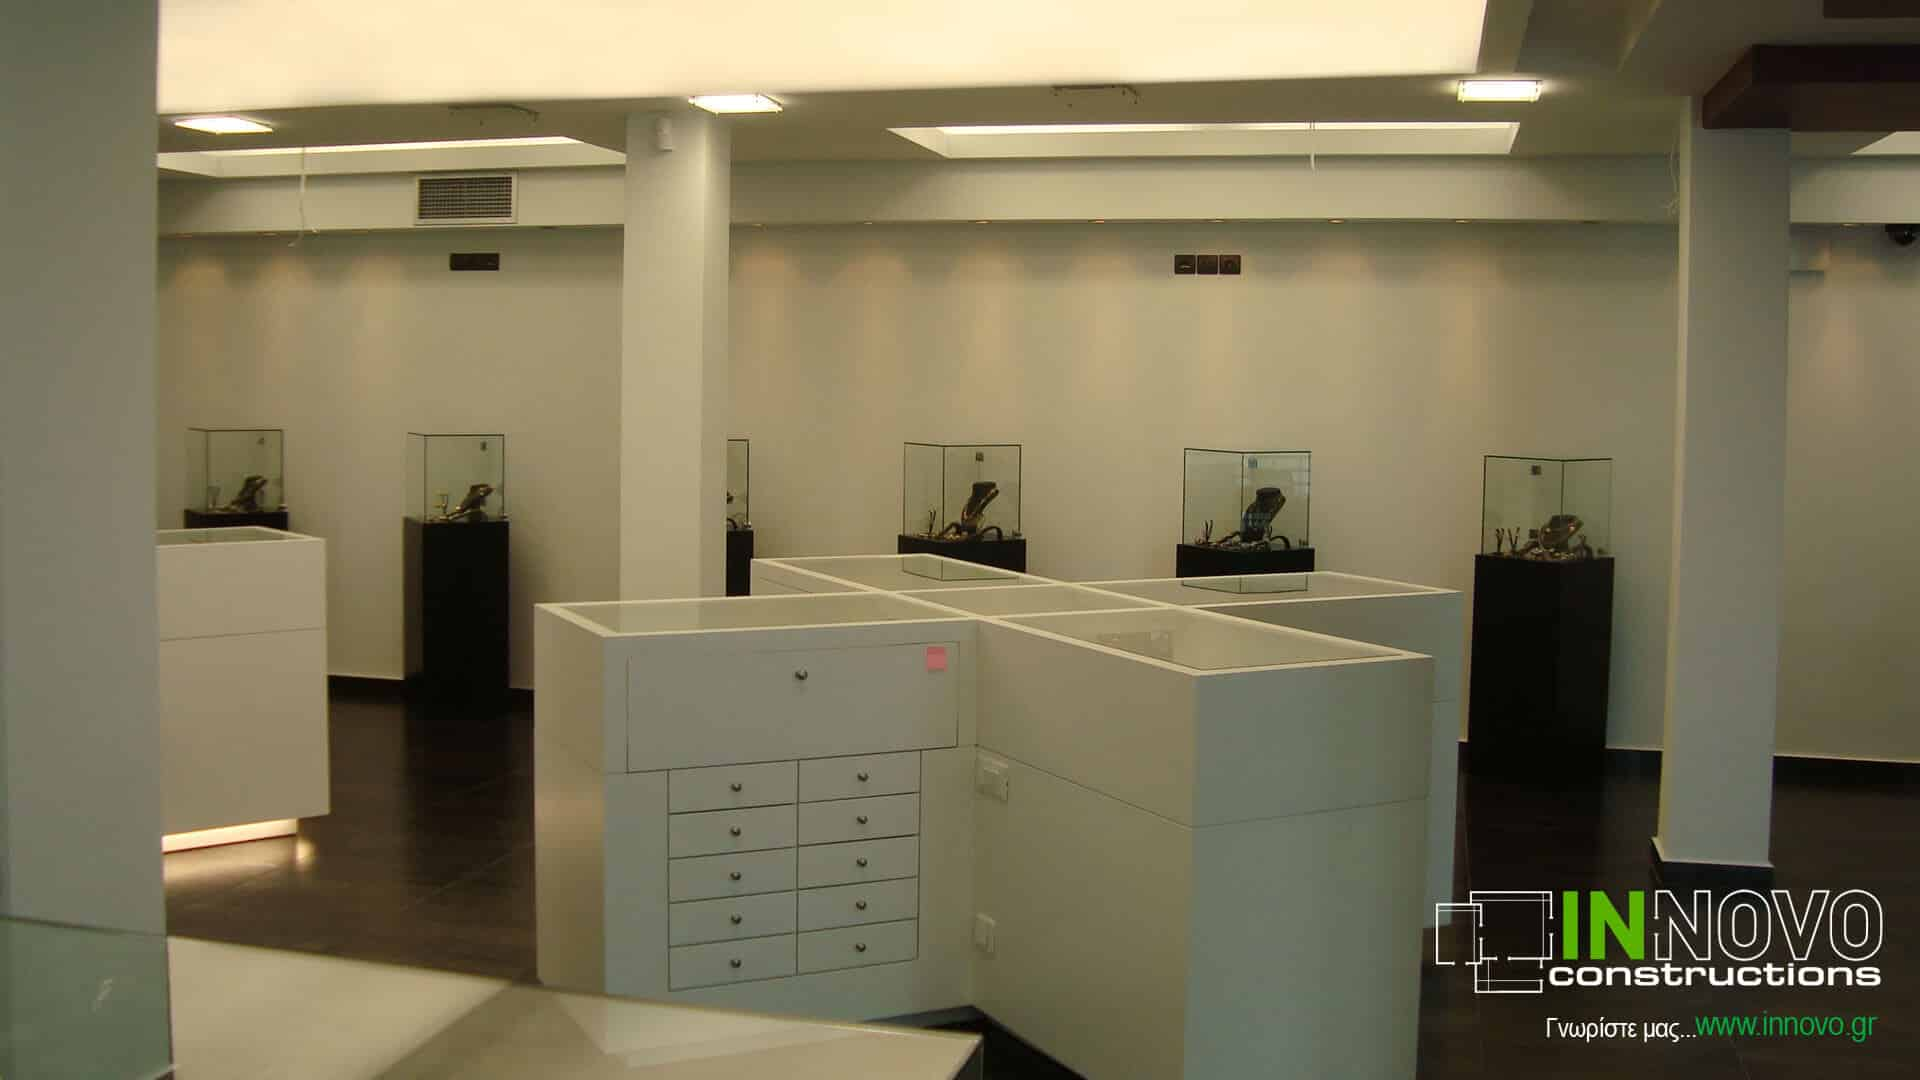 anakainisi-etaireias-company-renovation-soultos-grafeia-1048-21